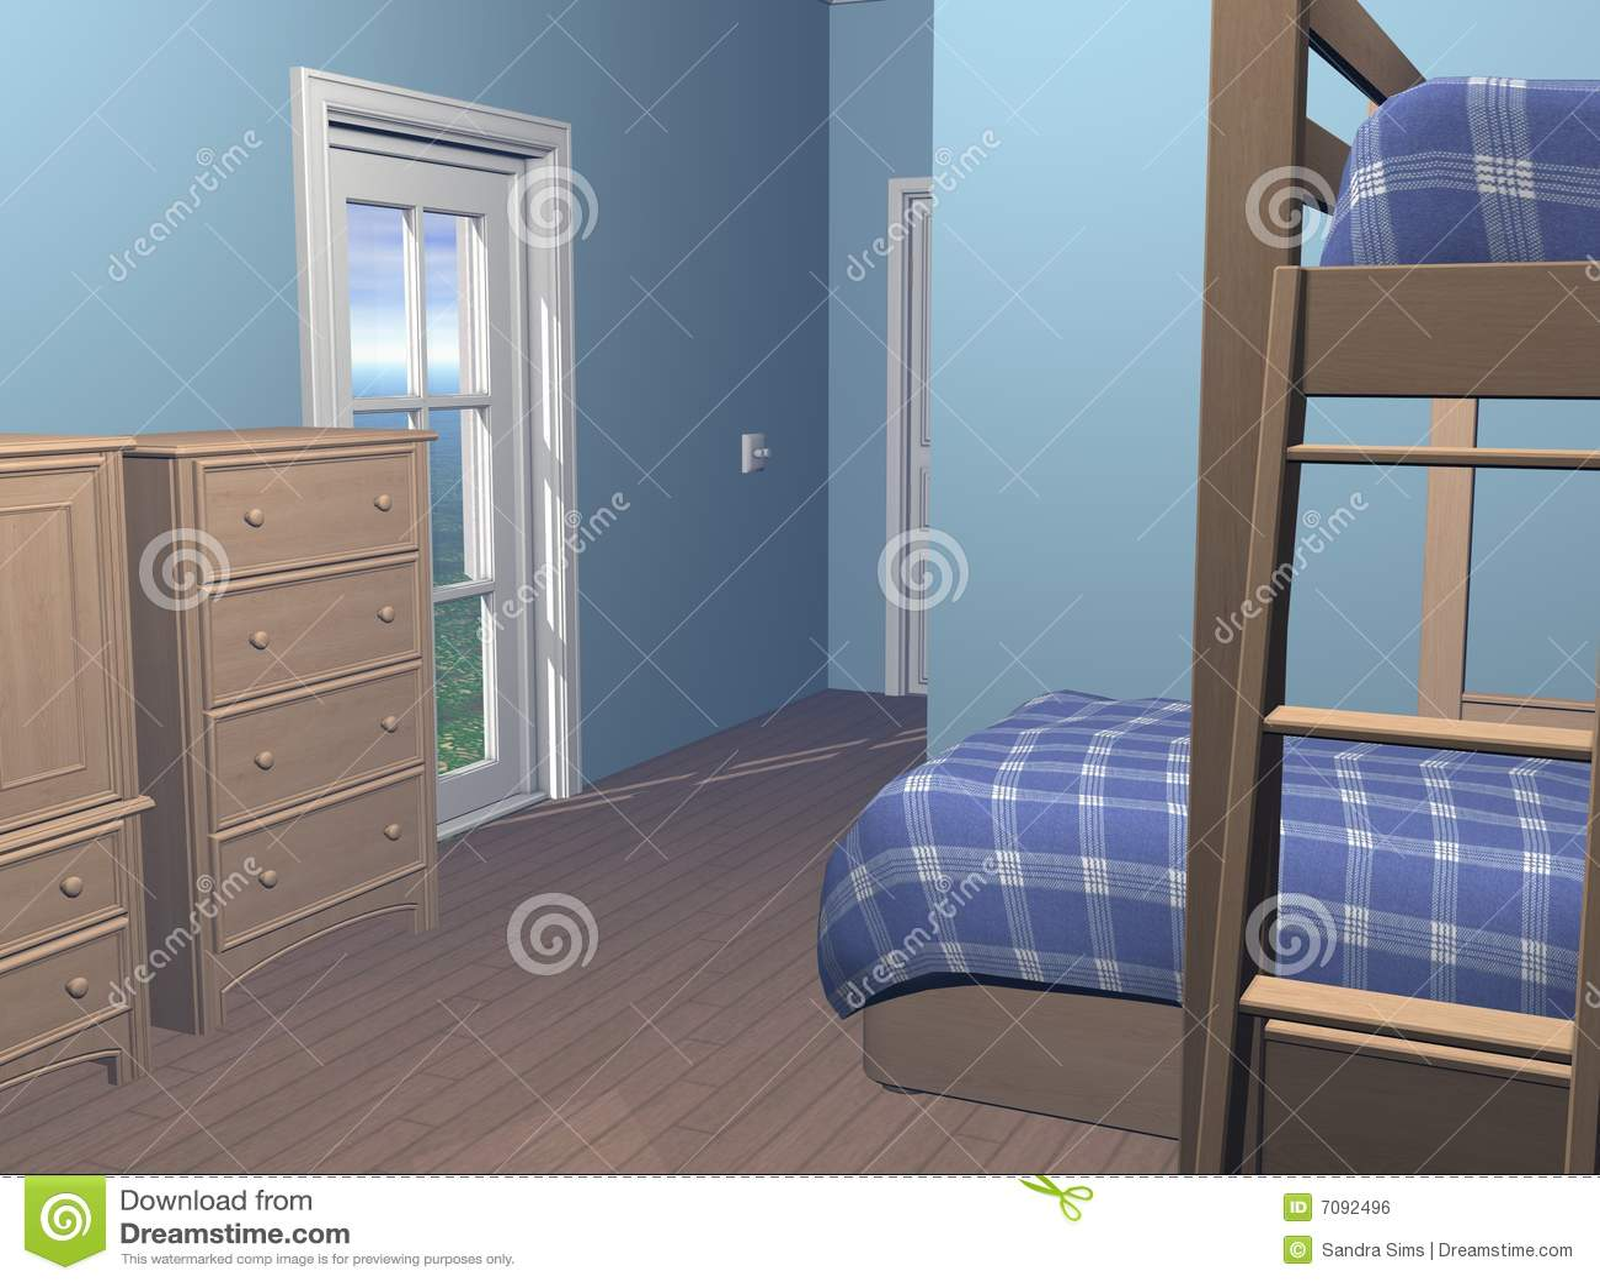 eigentijdse stedelijke jongensslaapkamer met bureau en bunkbeds 3 dimensionale modellen computer geproduceerd beeld